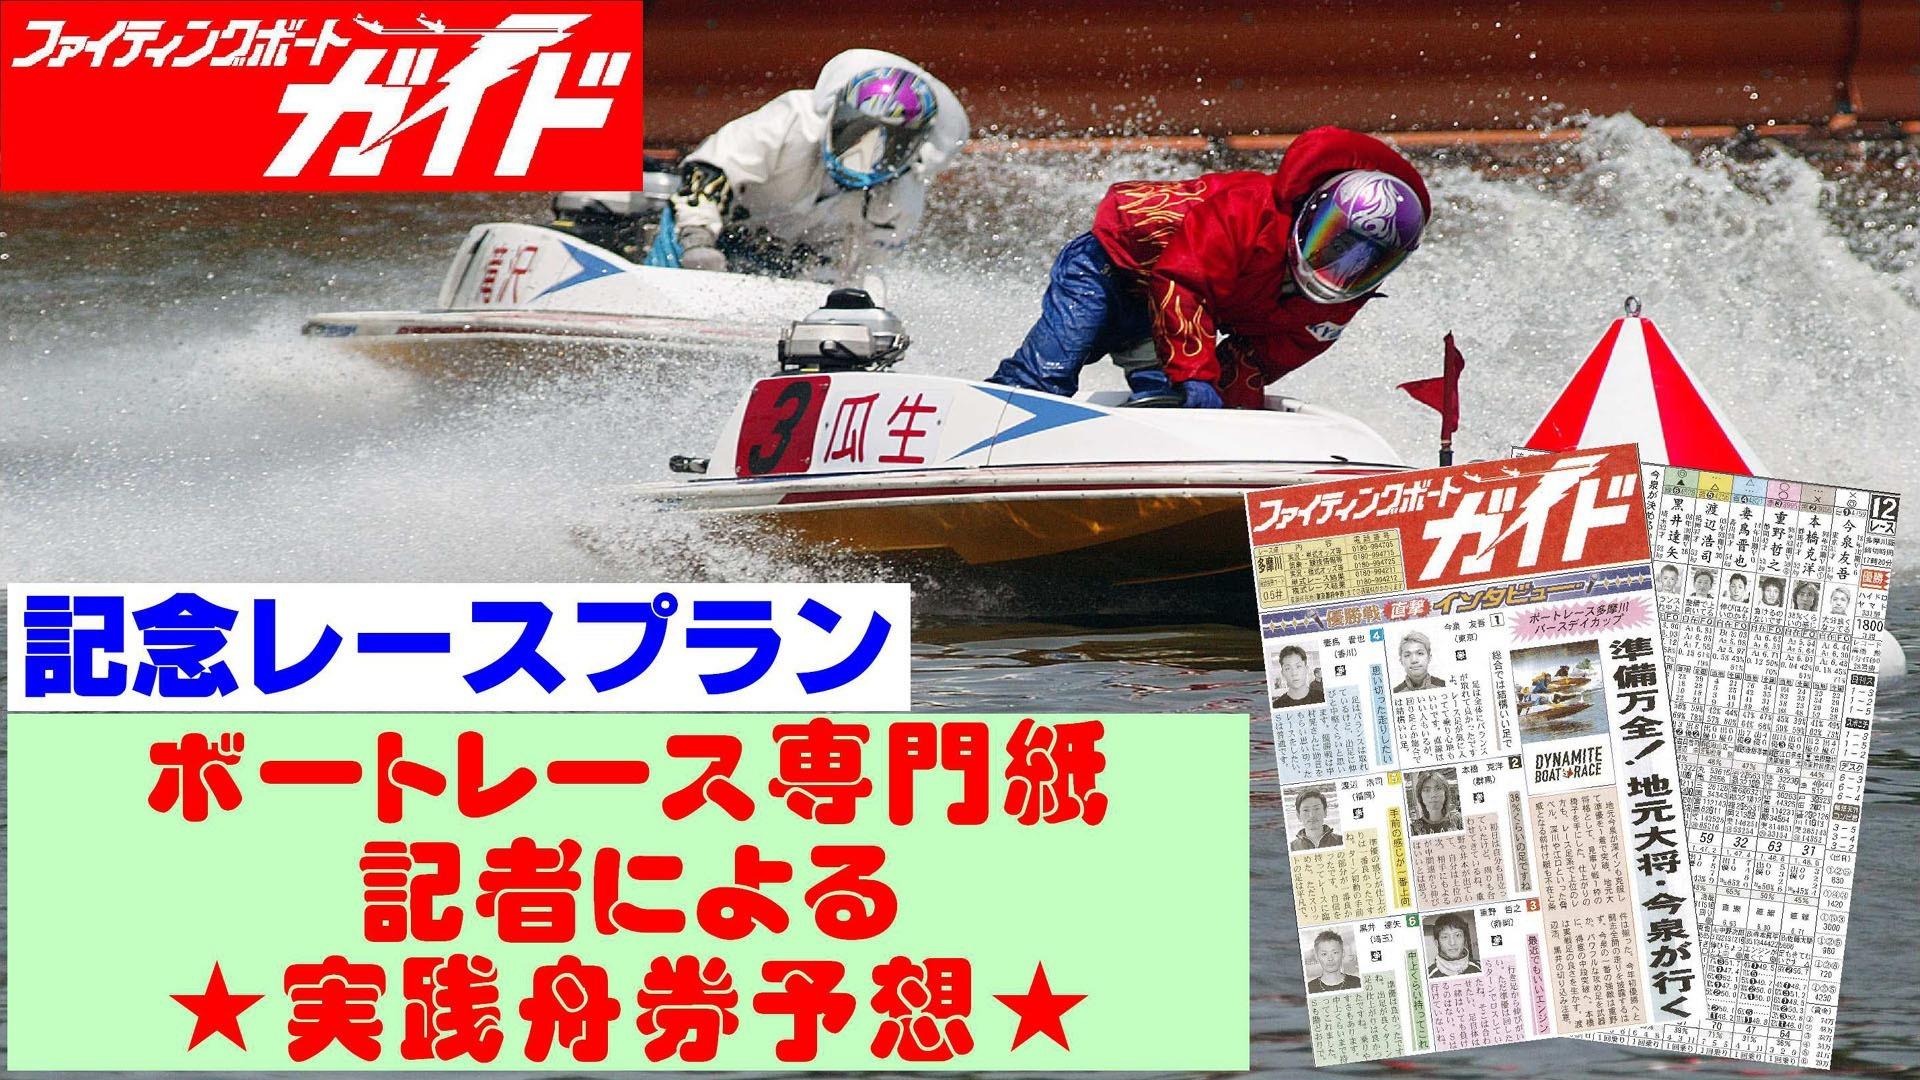 ボートレース専門紙記者による実践舟券予想【記念レース予想プラン】